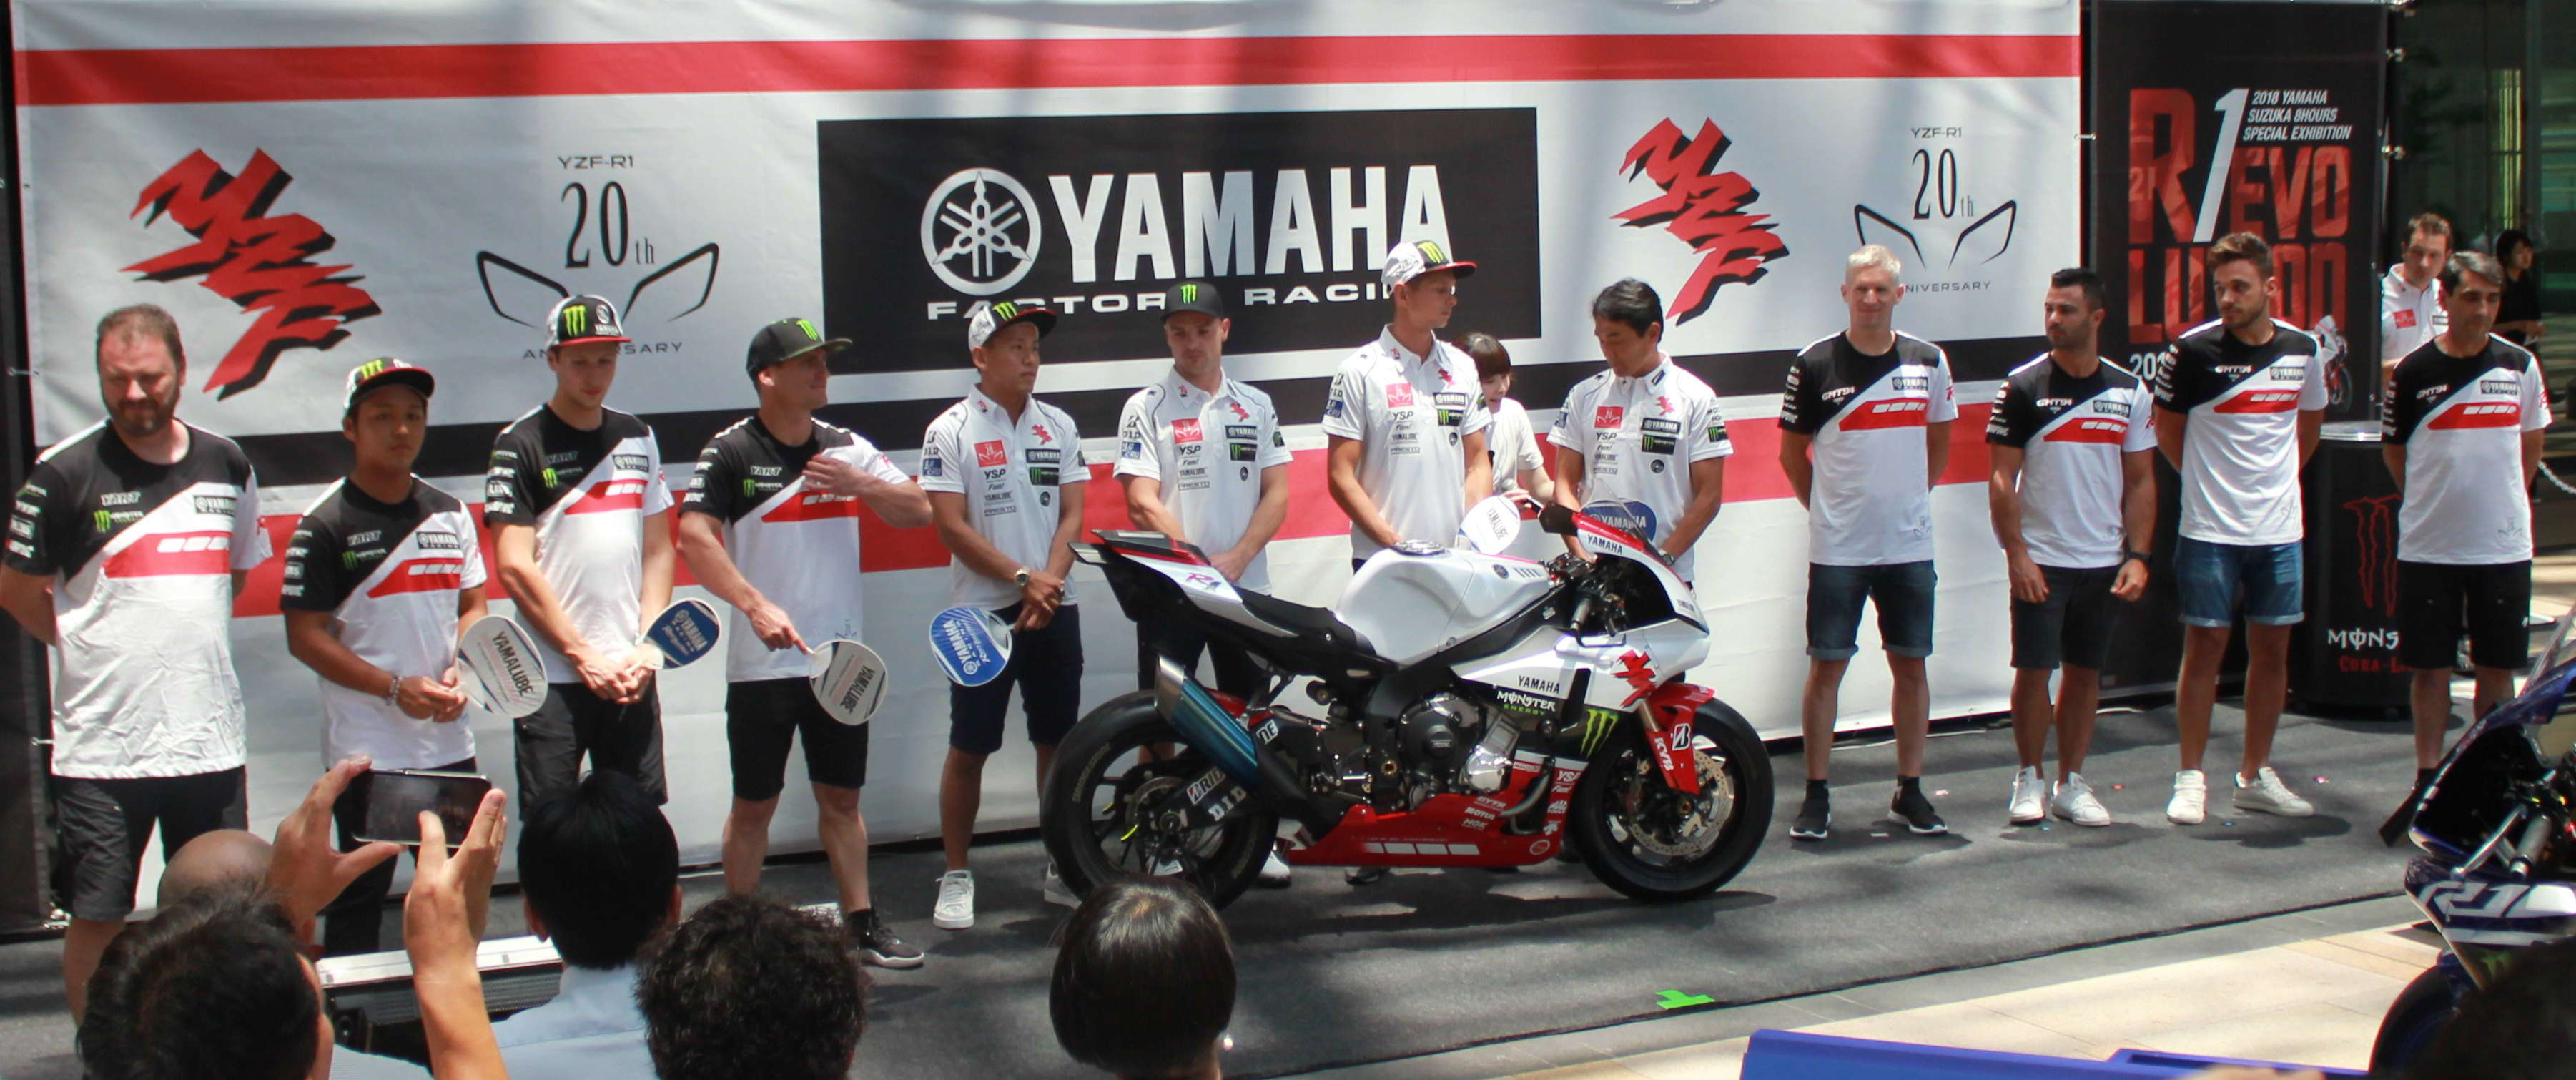 「ライバルは自分たち」YAMAHA YZF-R1選手達が語る4連覇への熱い思い